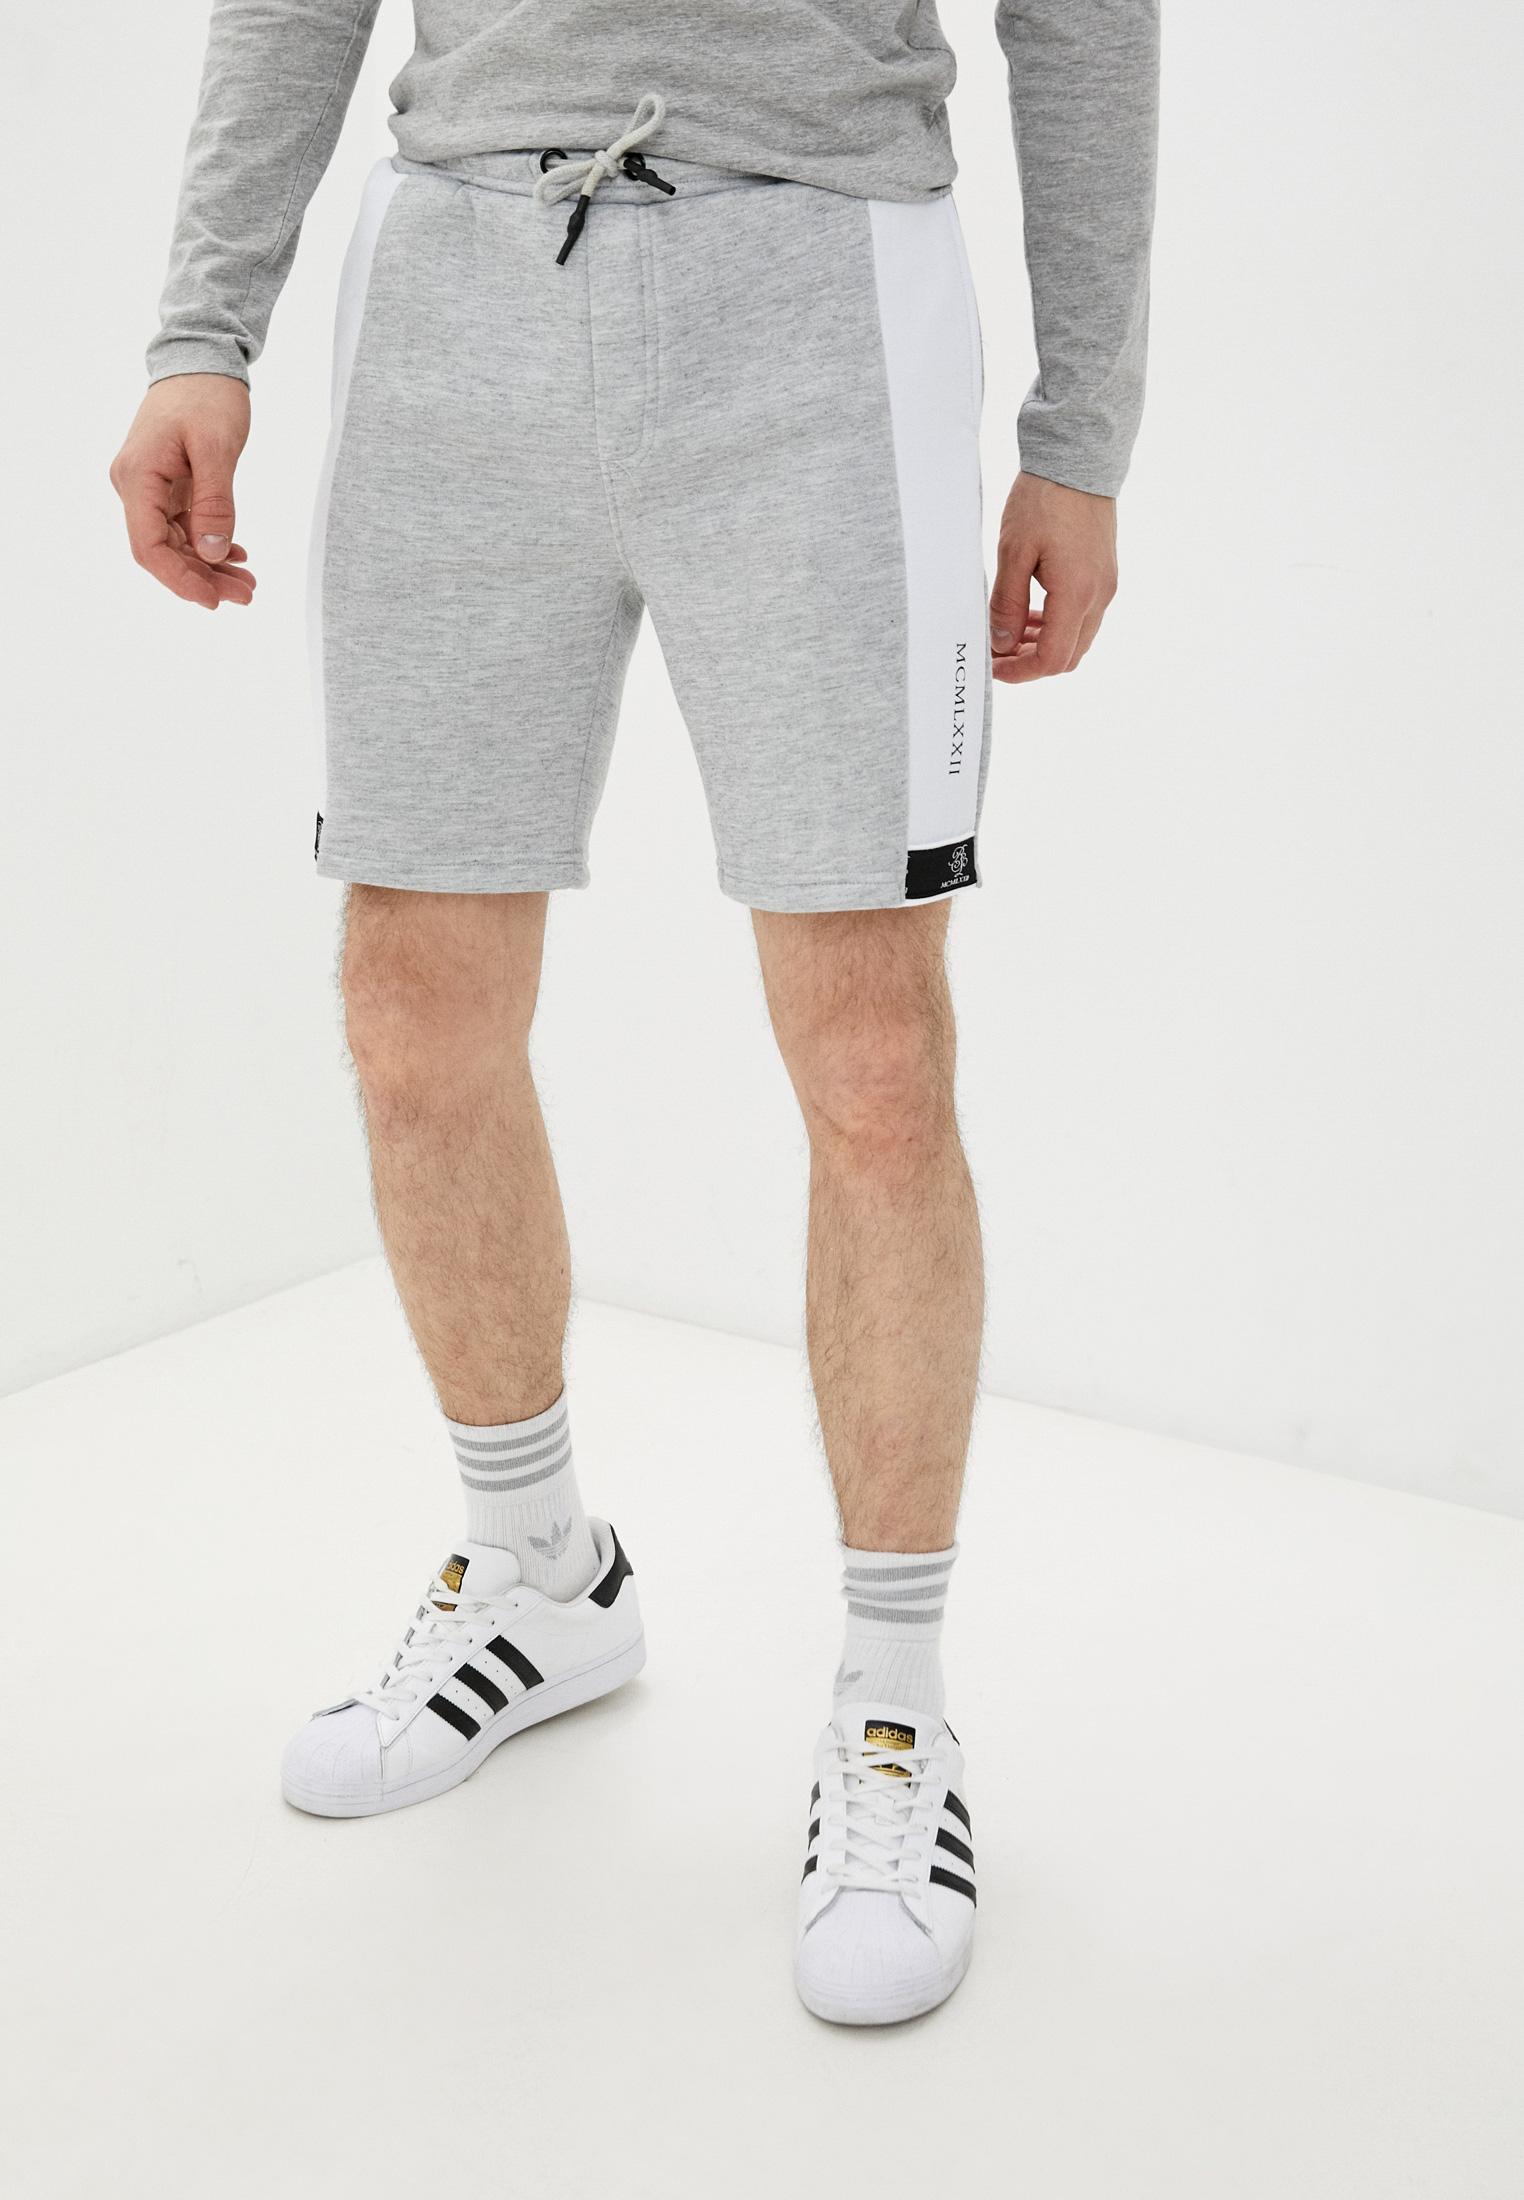 Мужские повседневные шорты Brave Soul Шорты спортивные Brave Soul